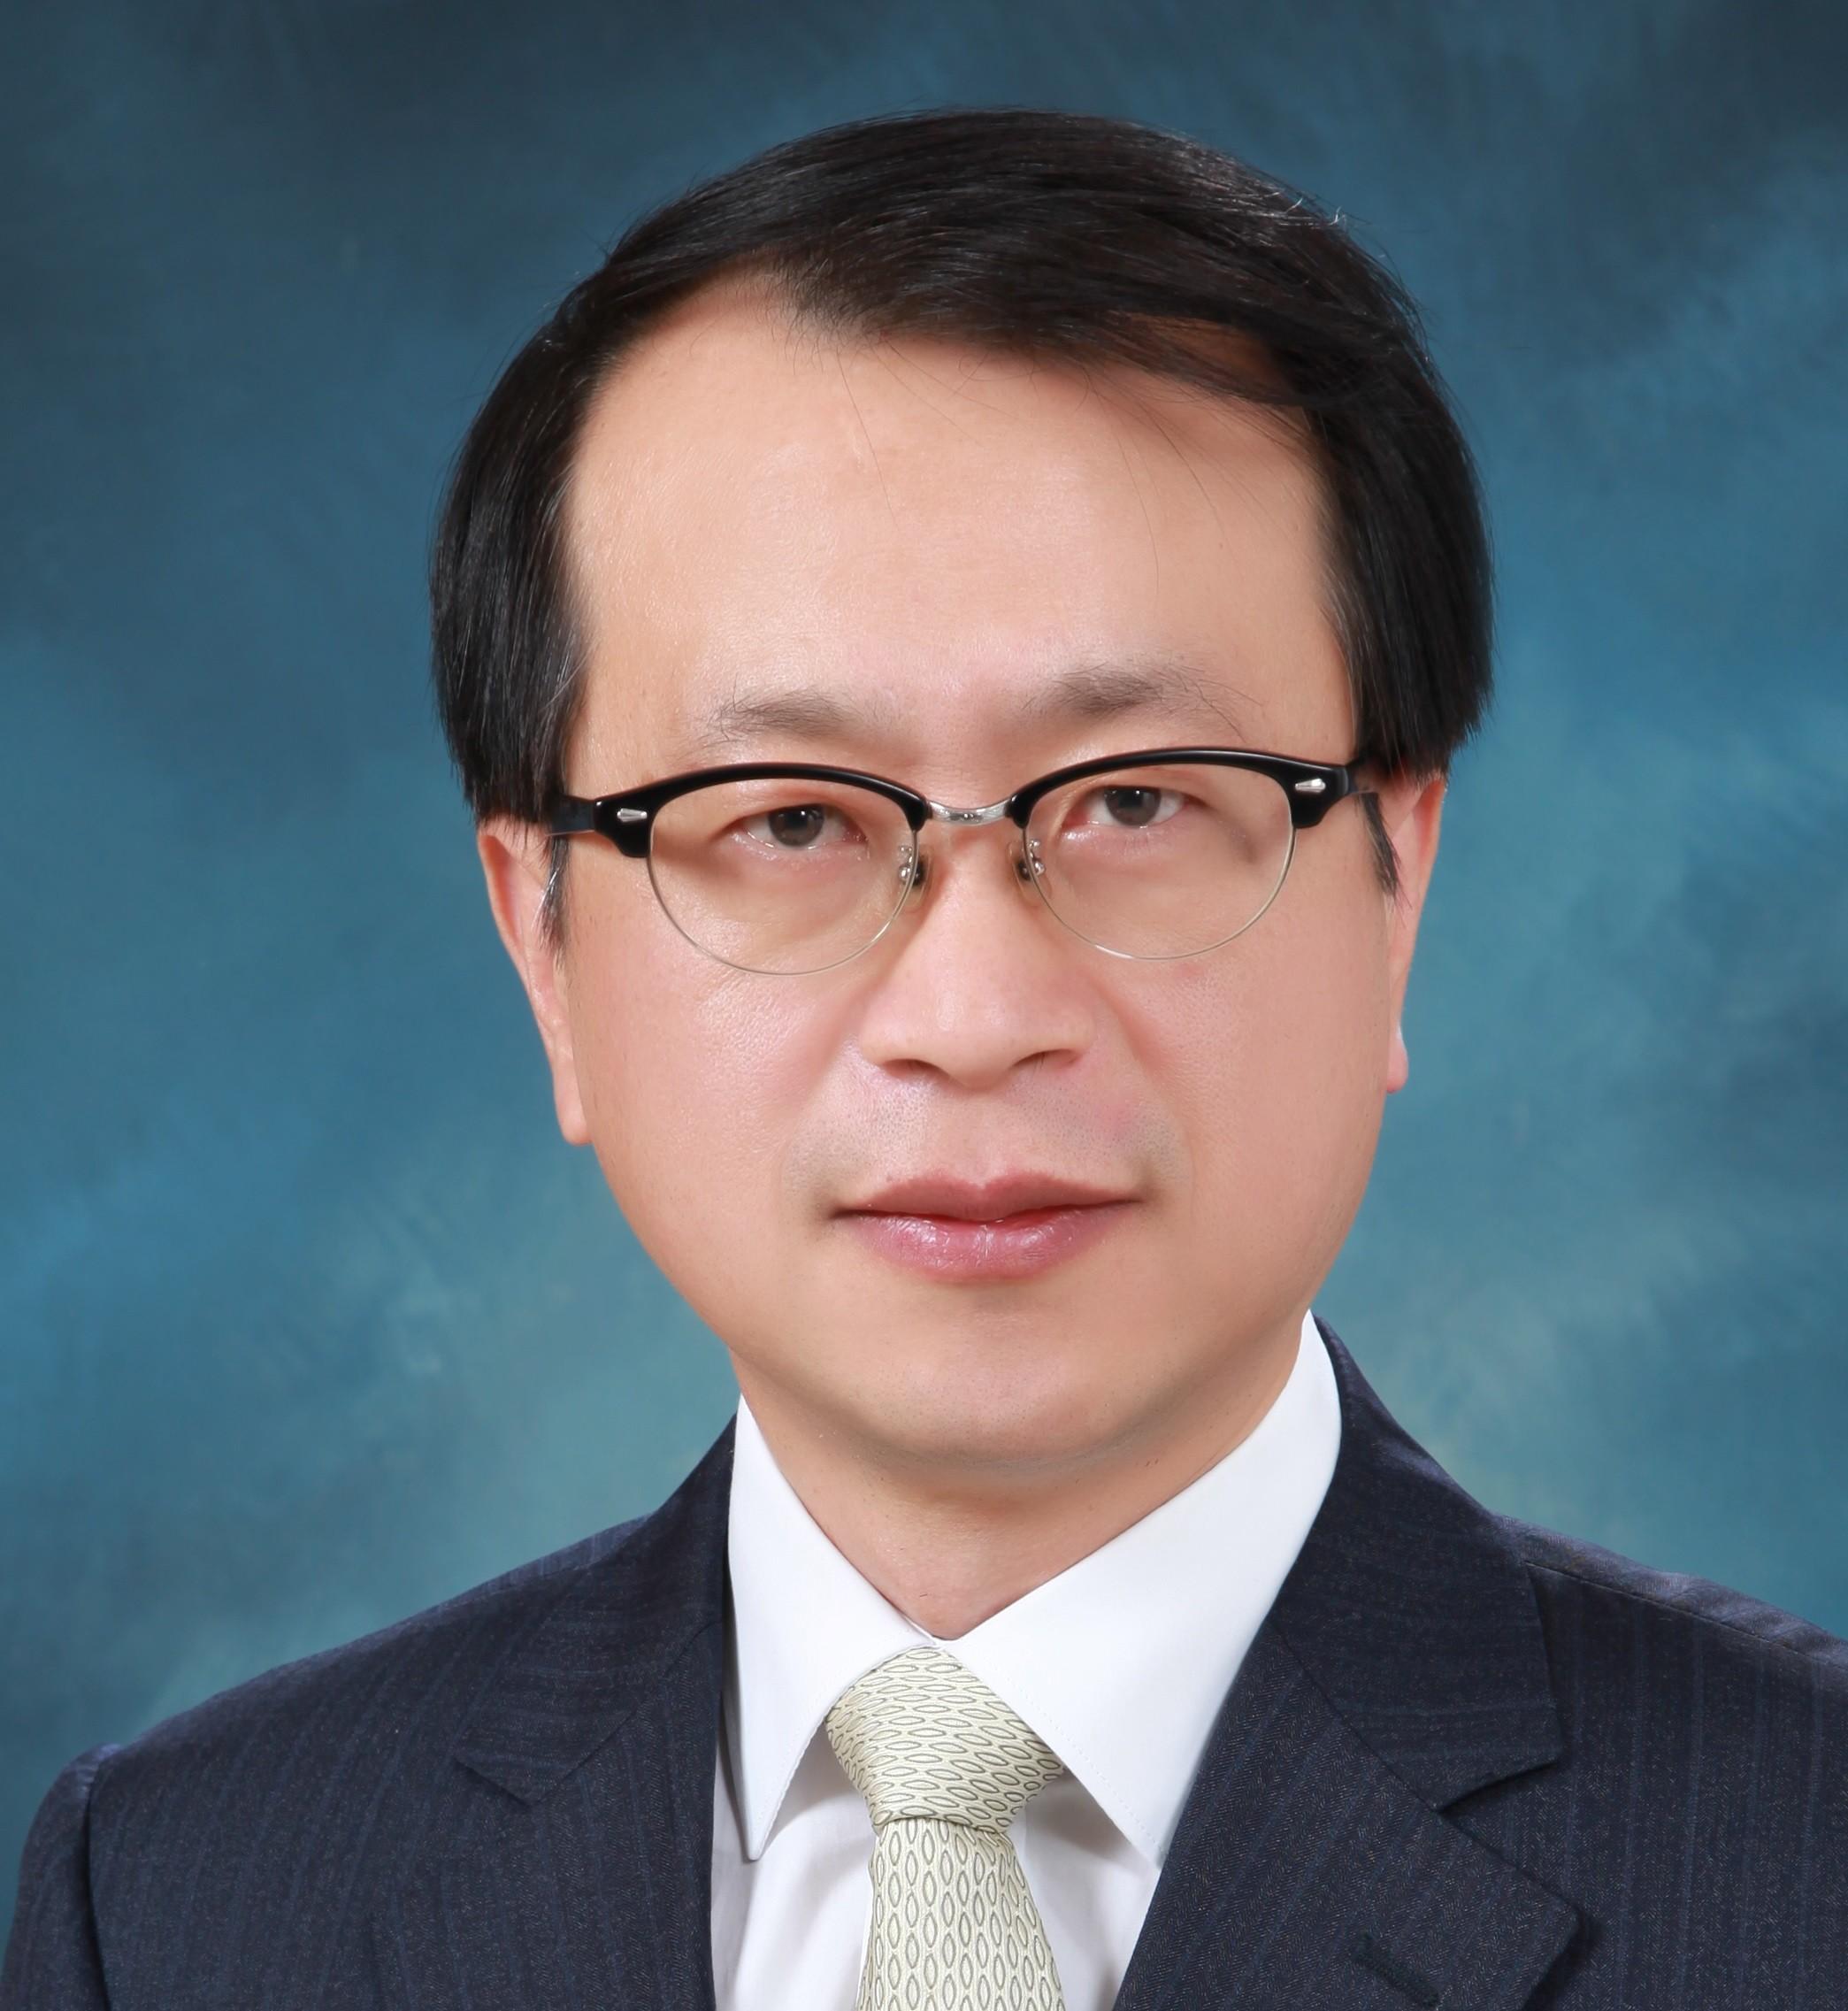 서울대병원 암통합케어센터 윤영호 교수